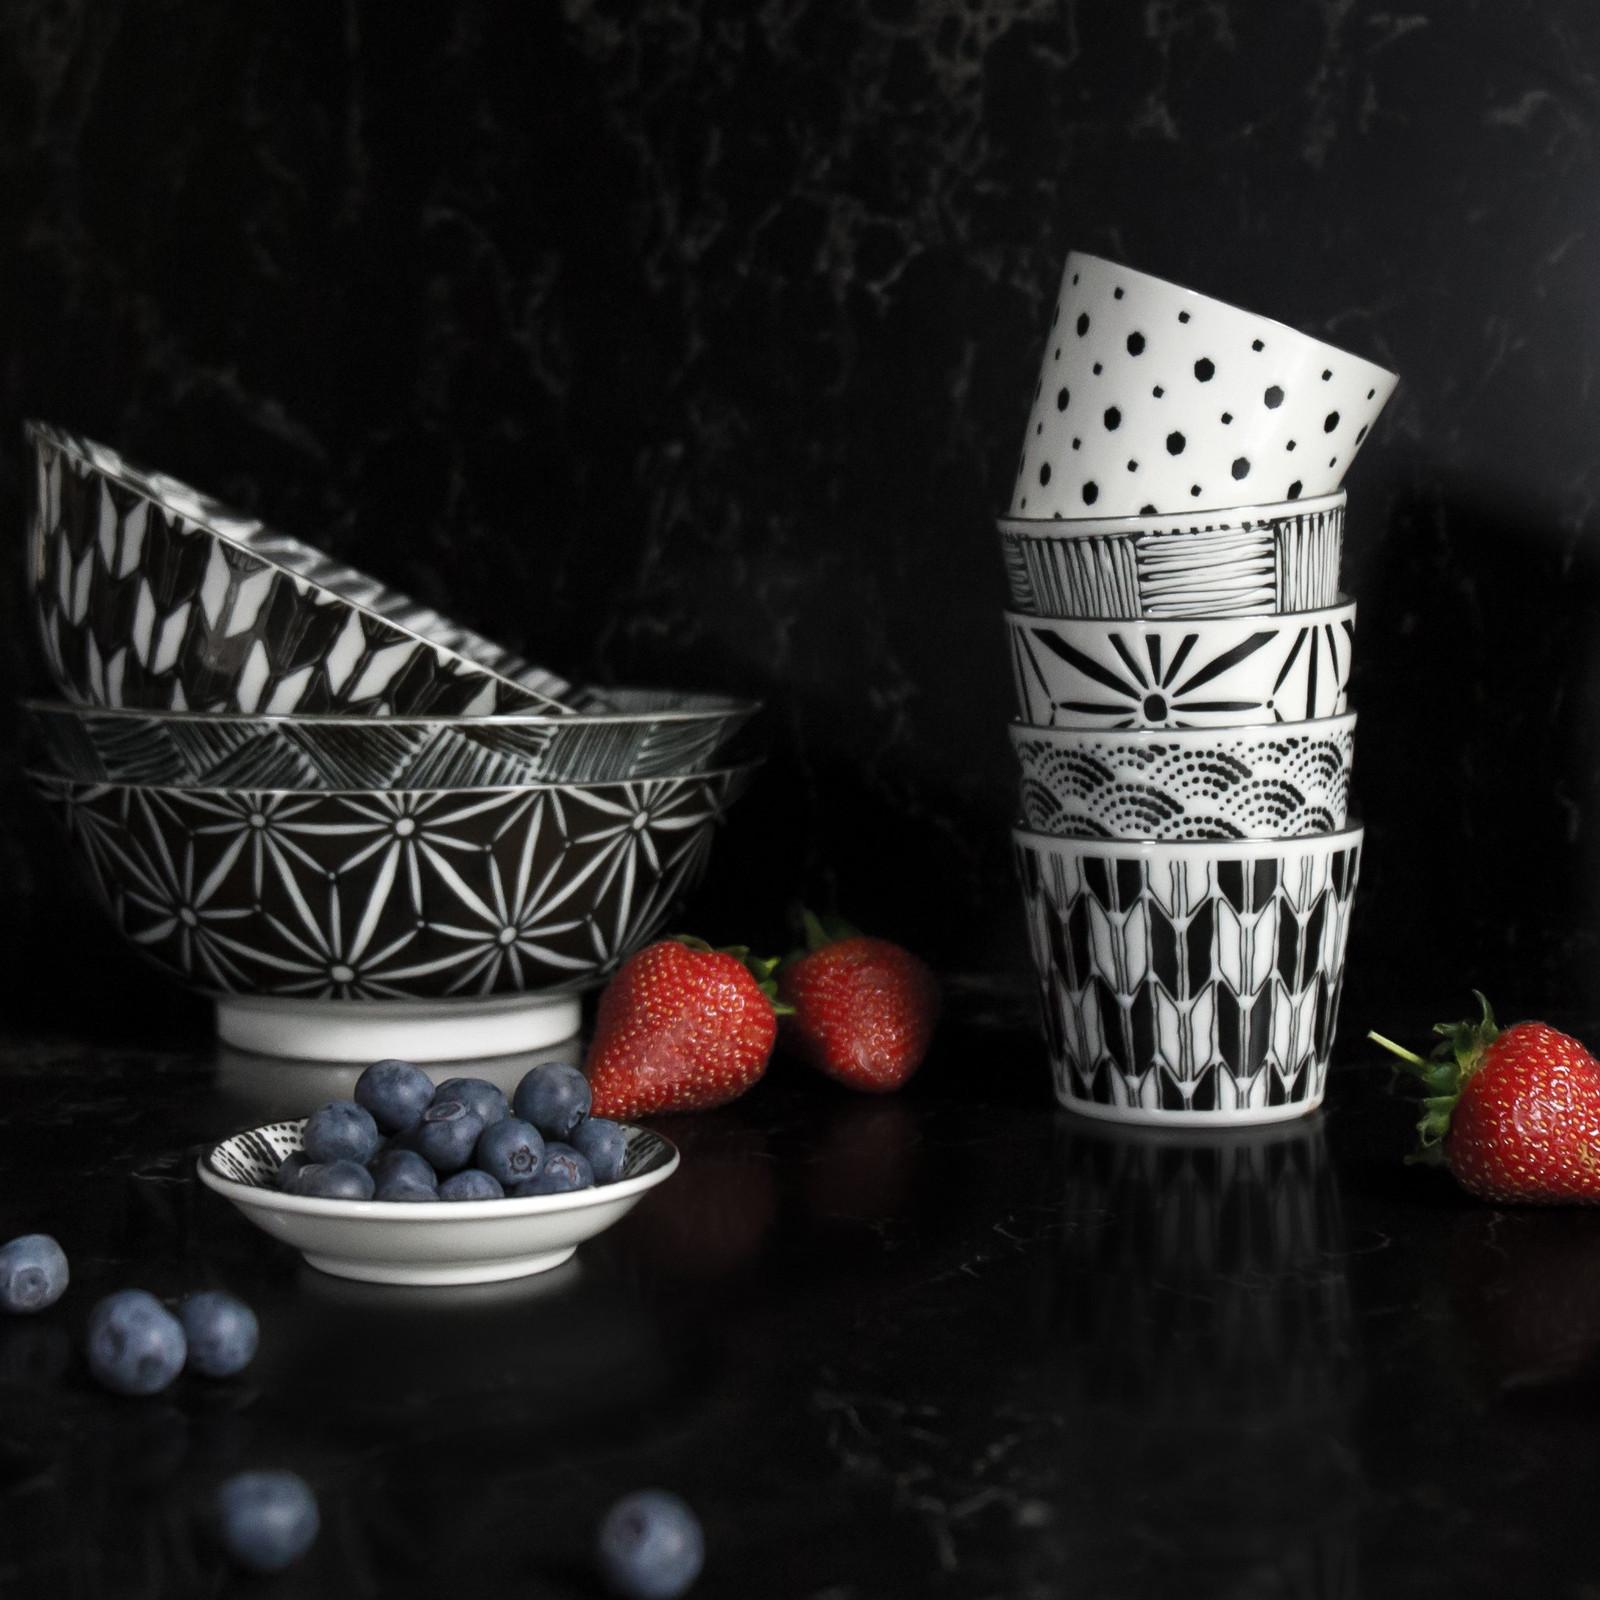 Komon 19.5cm Coupe Soup Bowl Set of 5